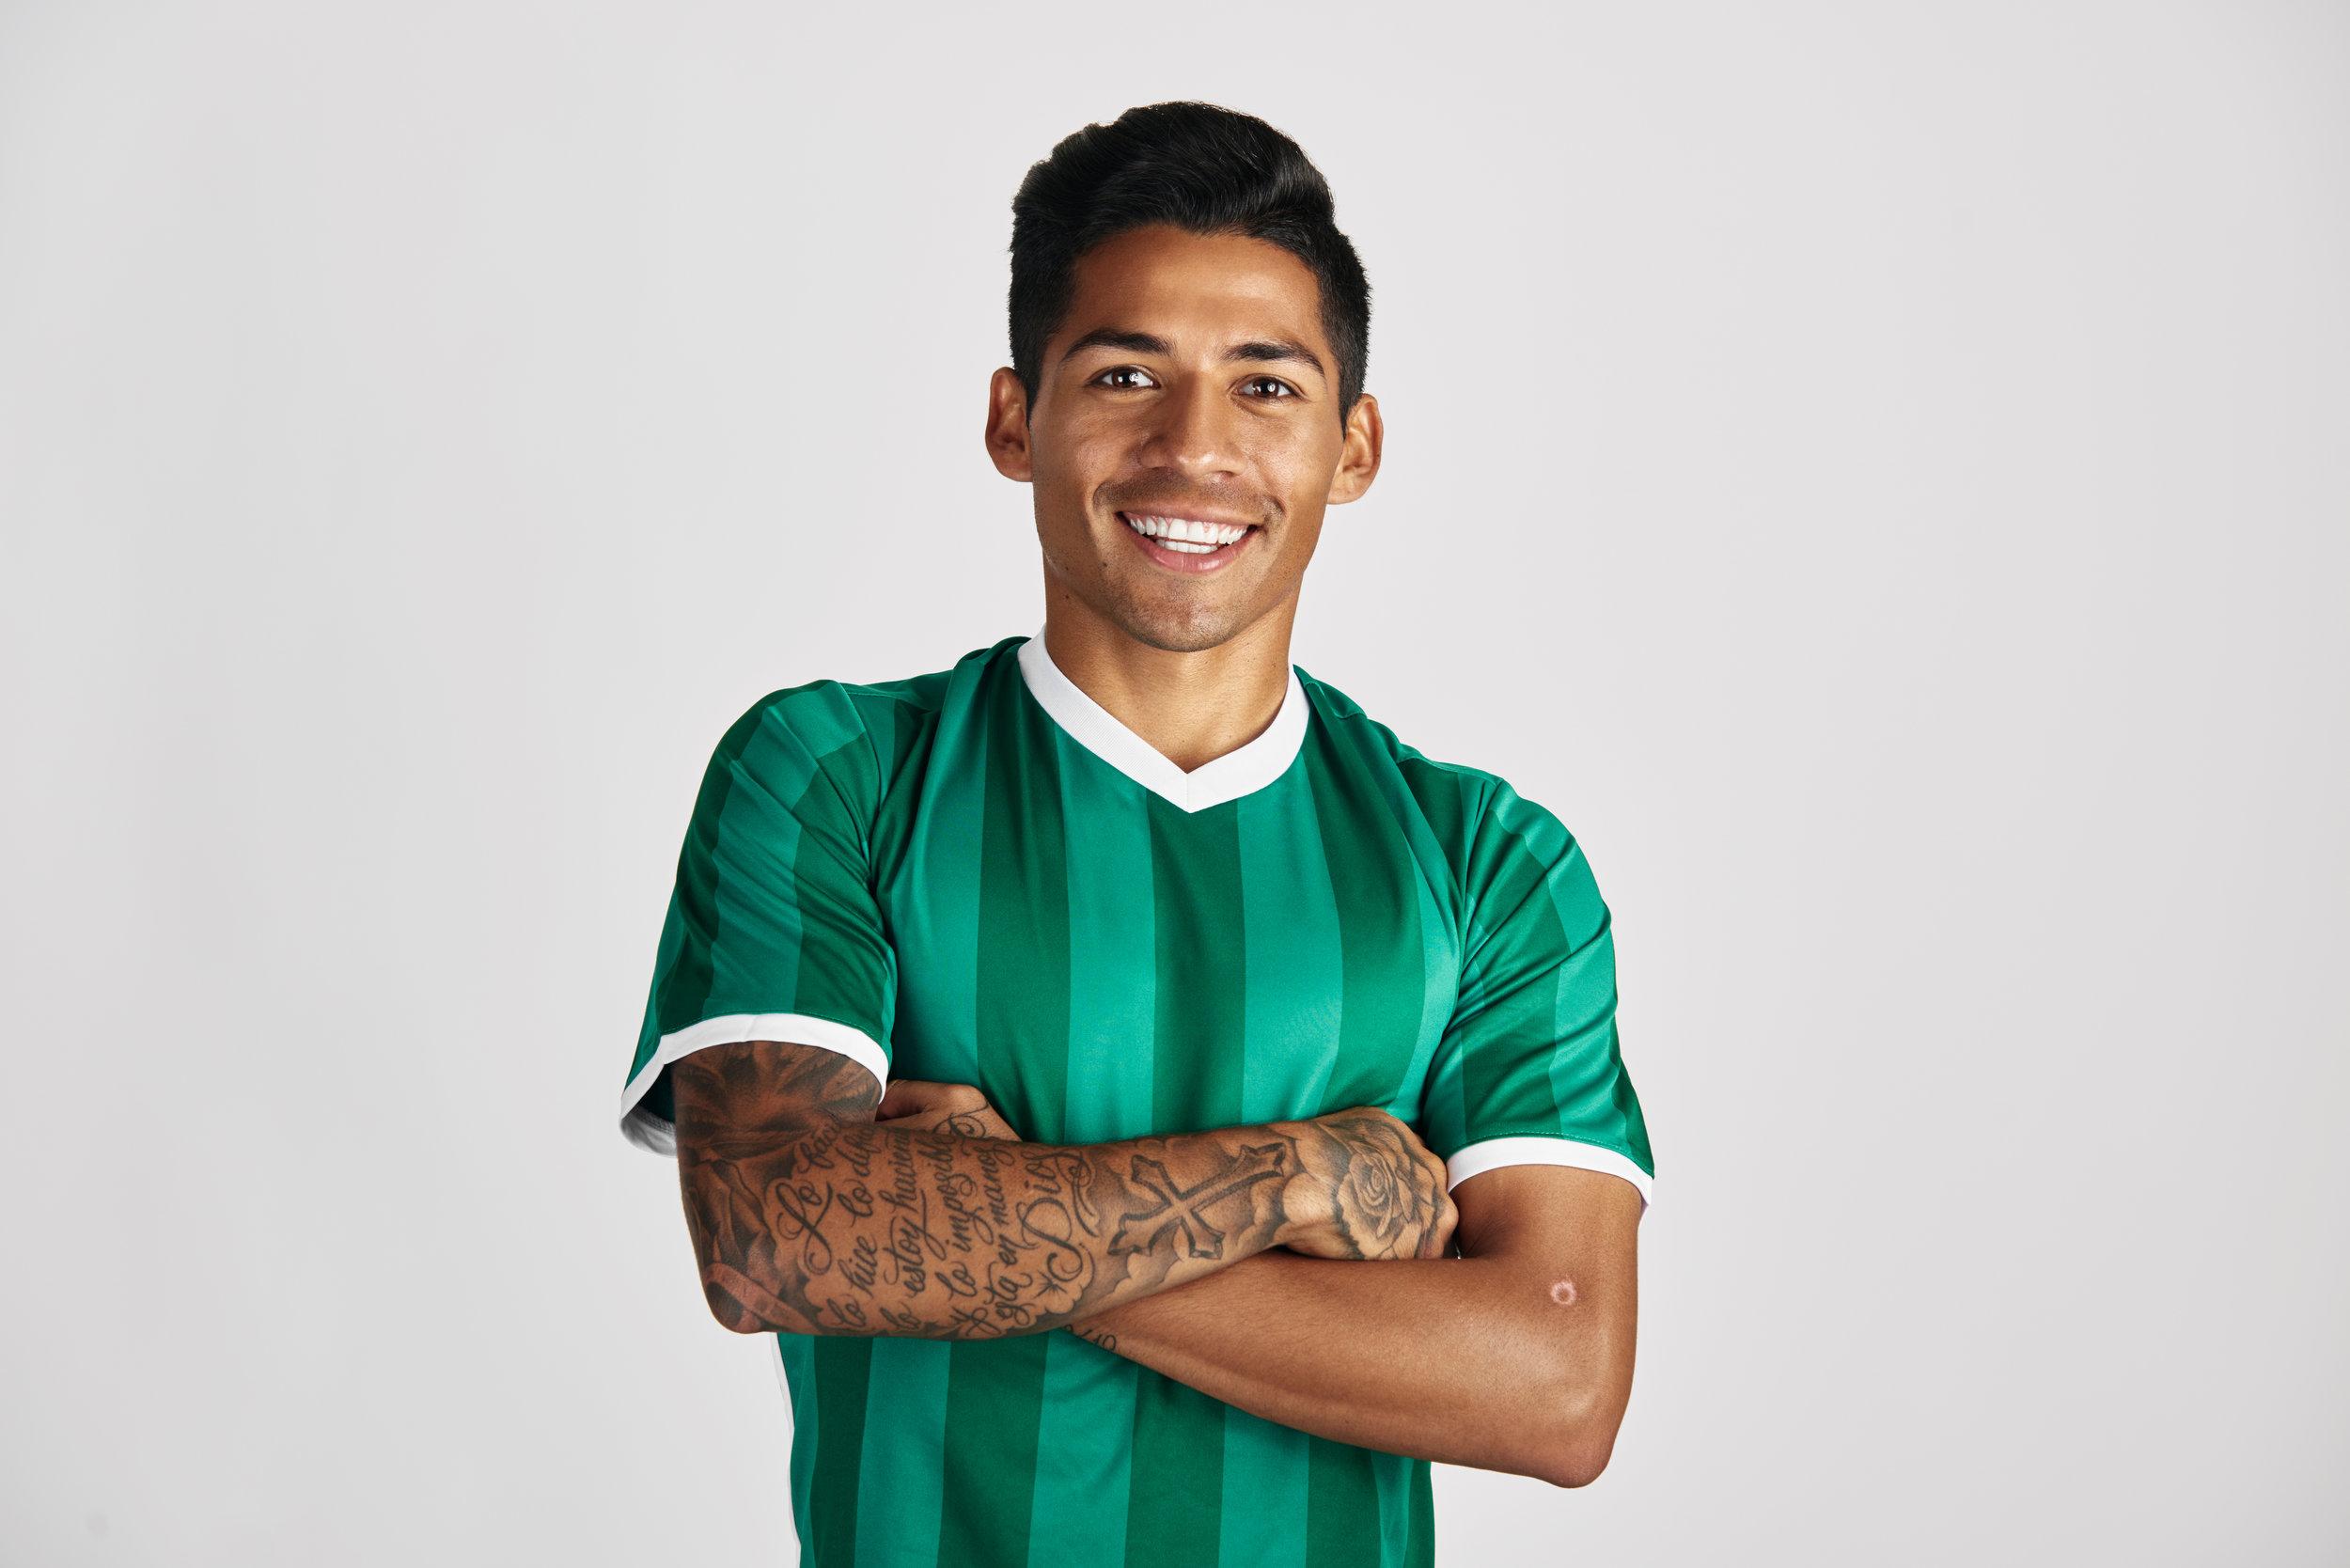 Portrait_SoccerGear.jpg